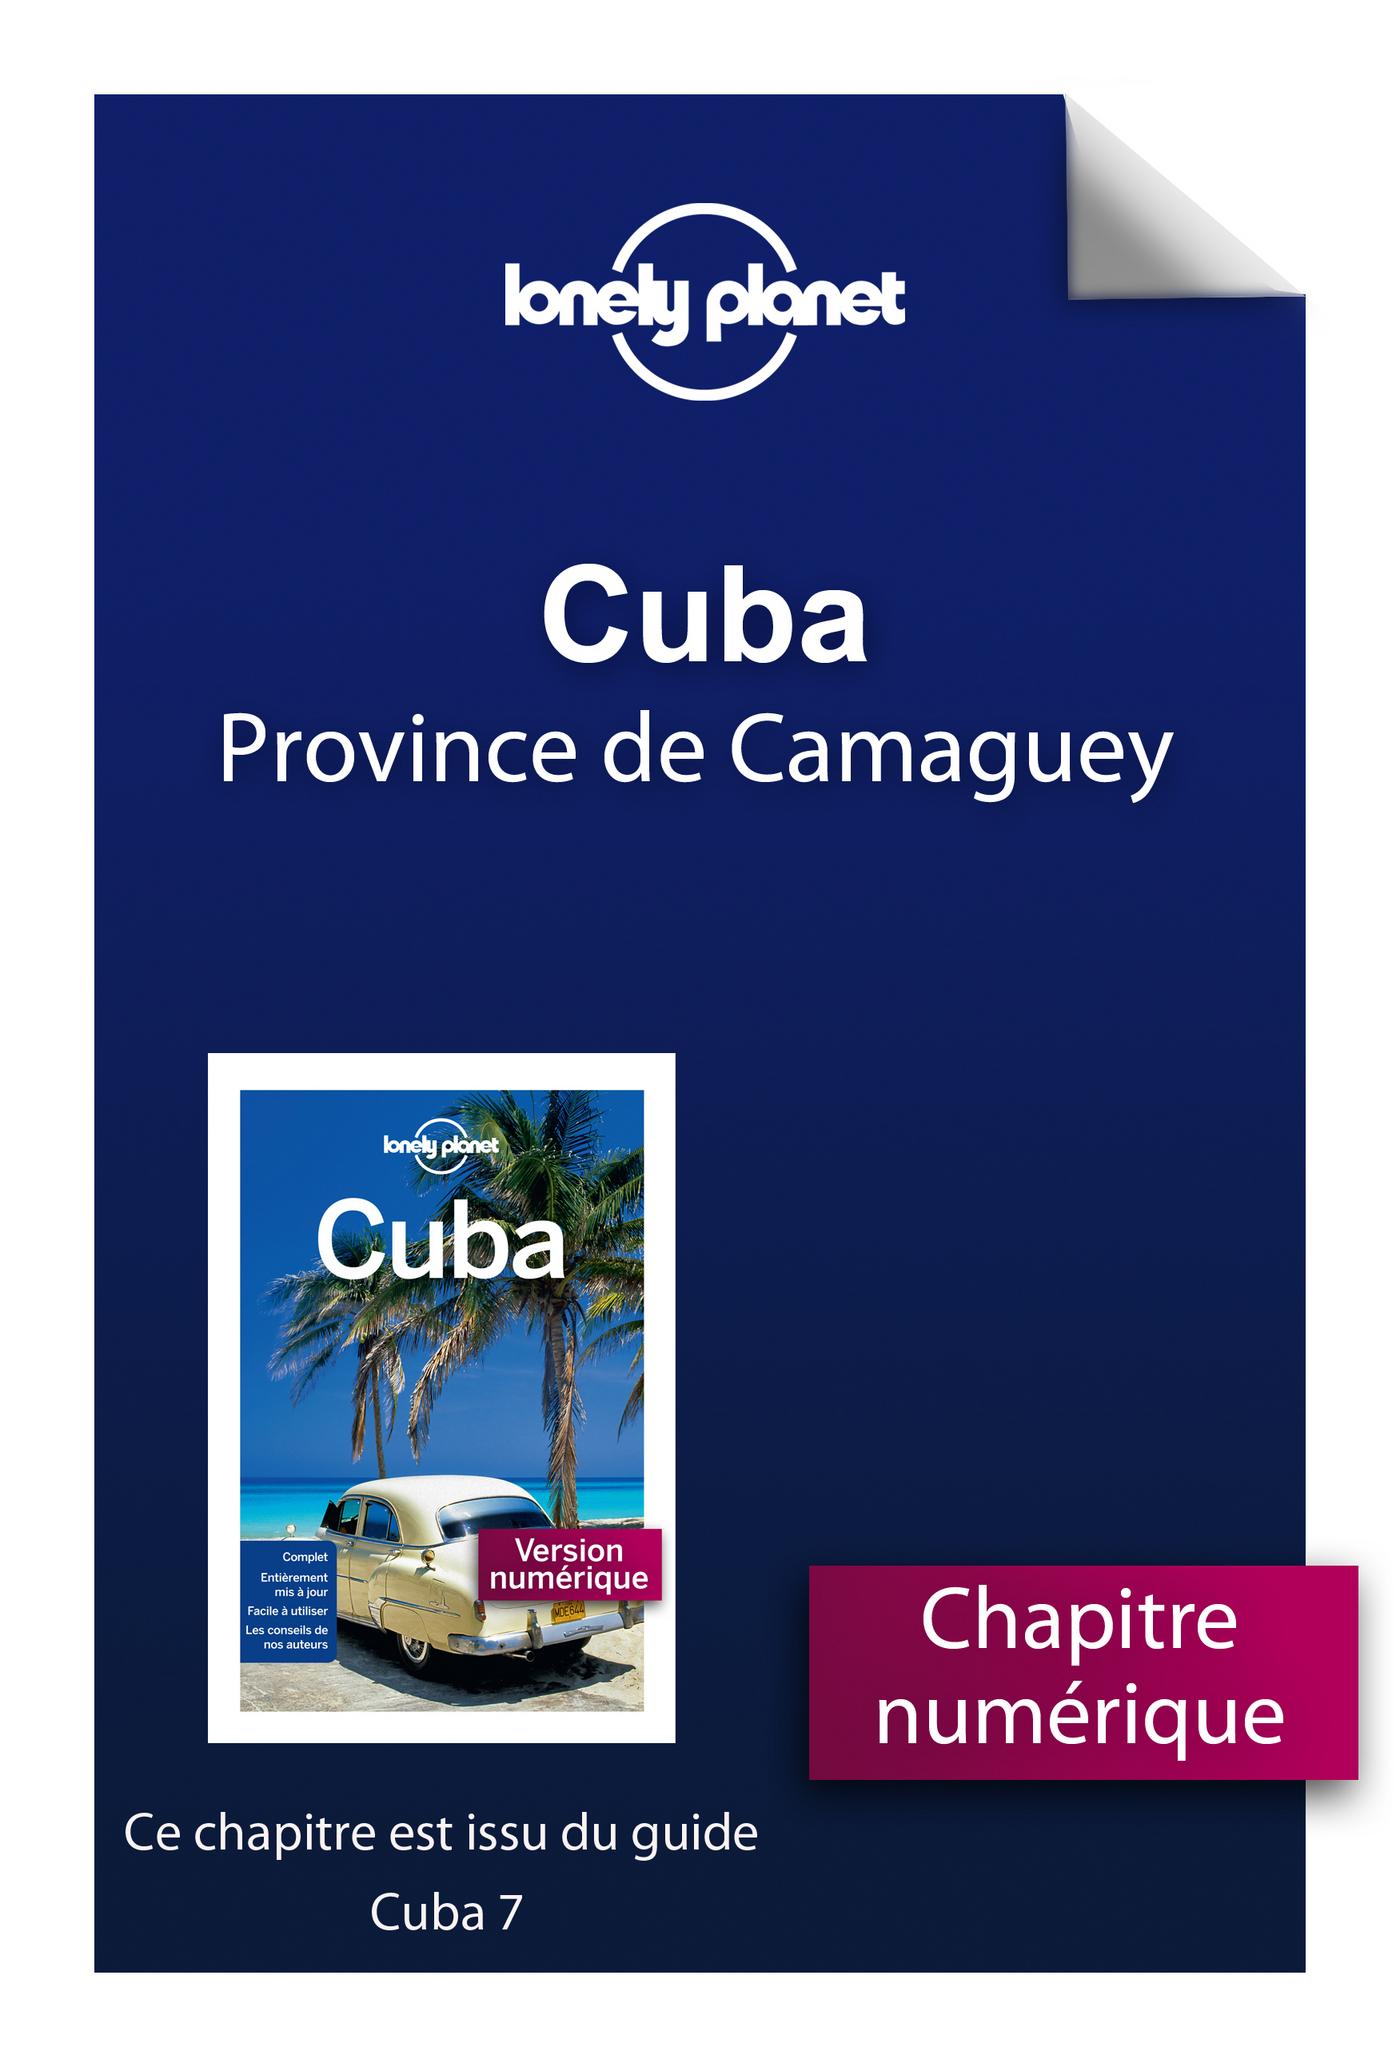 Cuba 7 - Province de Camagüey